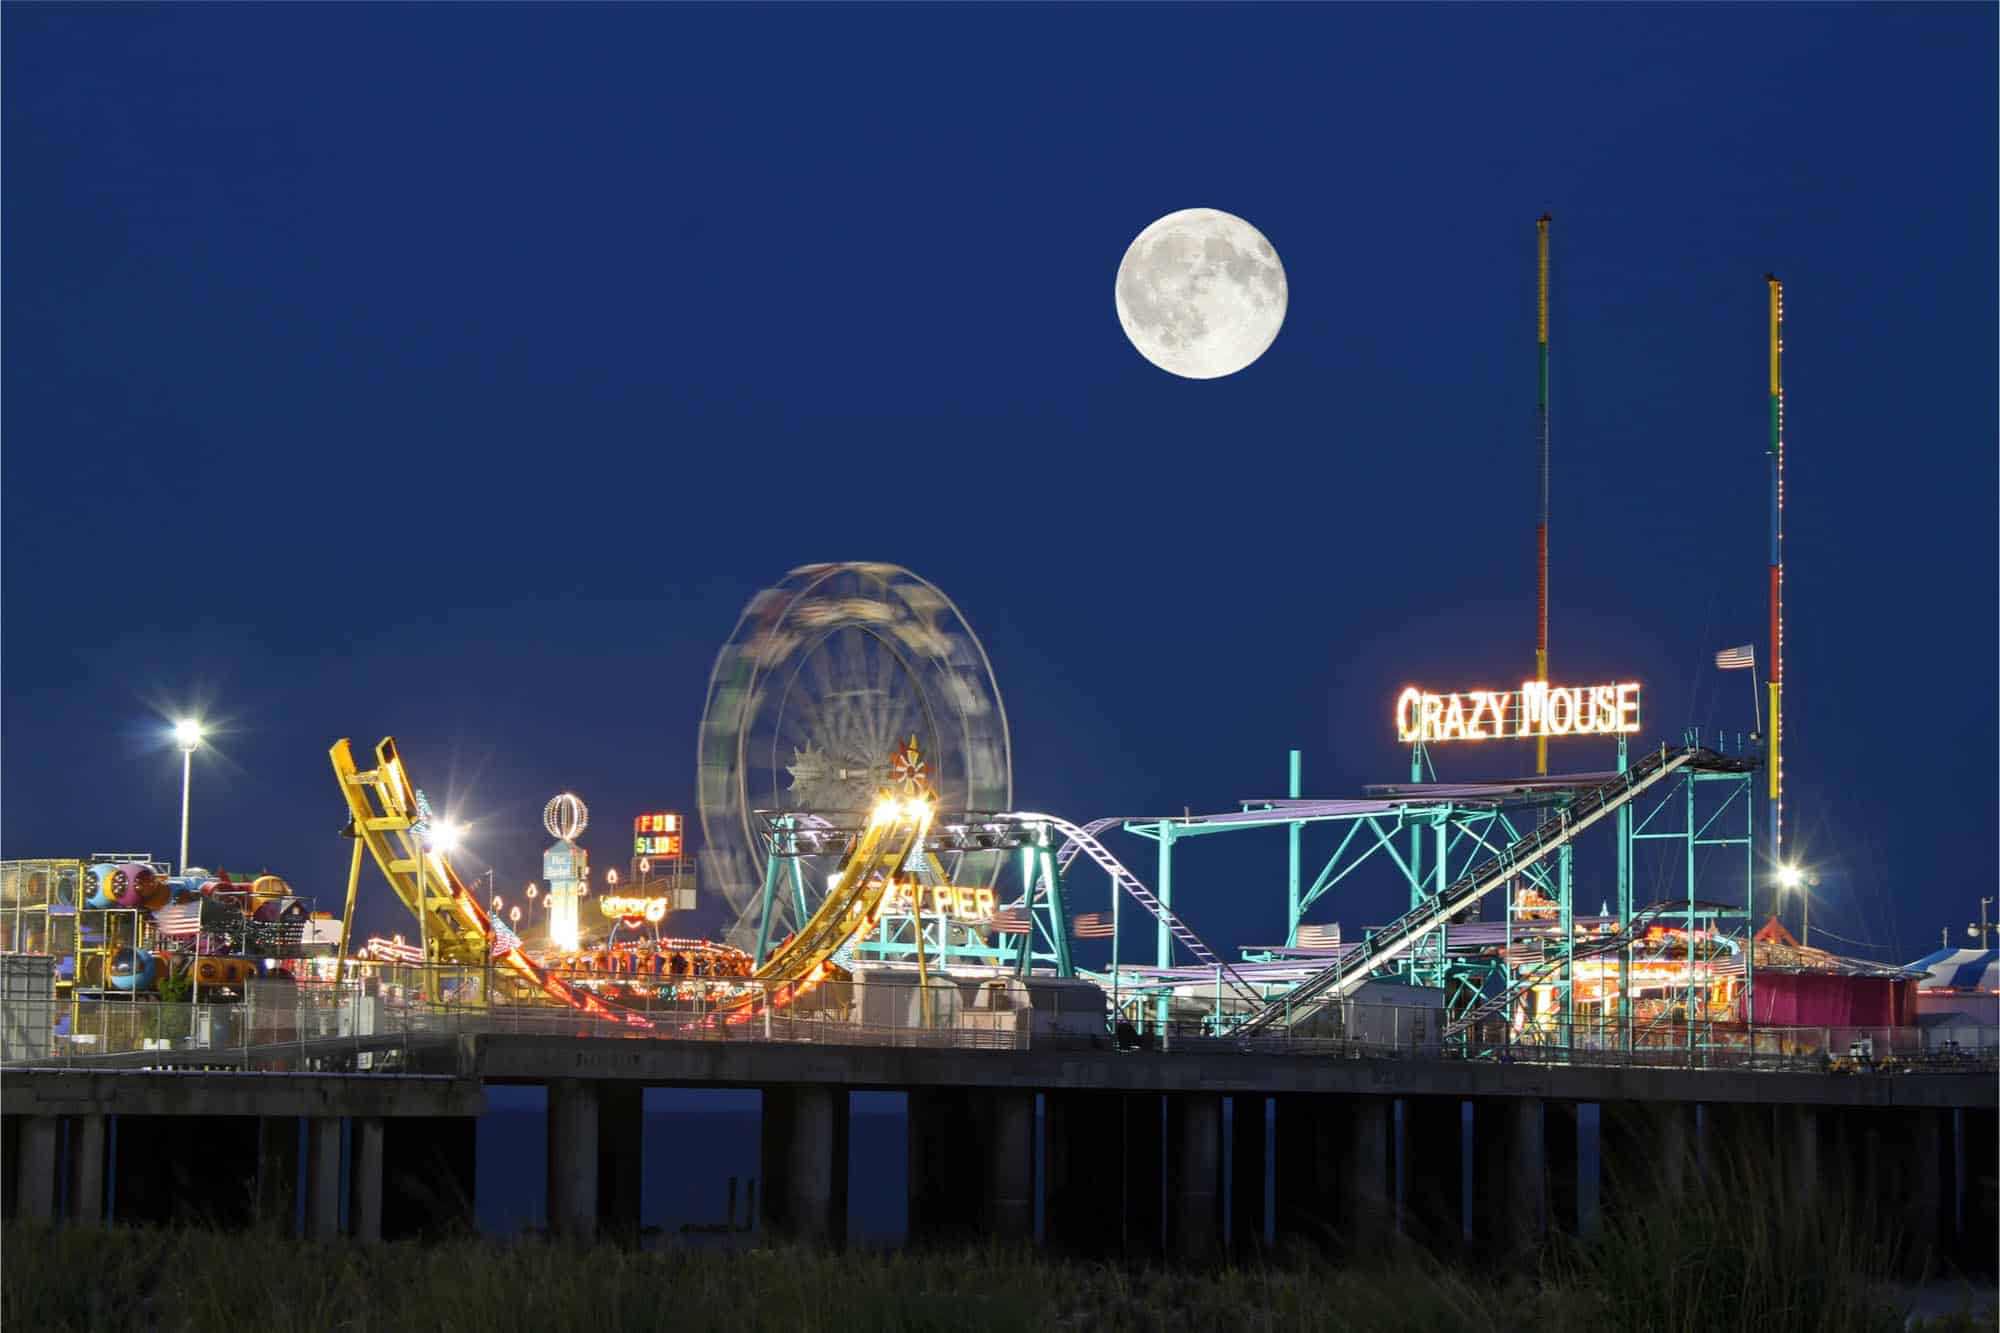 Moon over amusement park rides